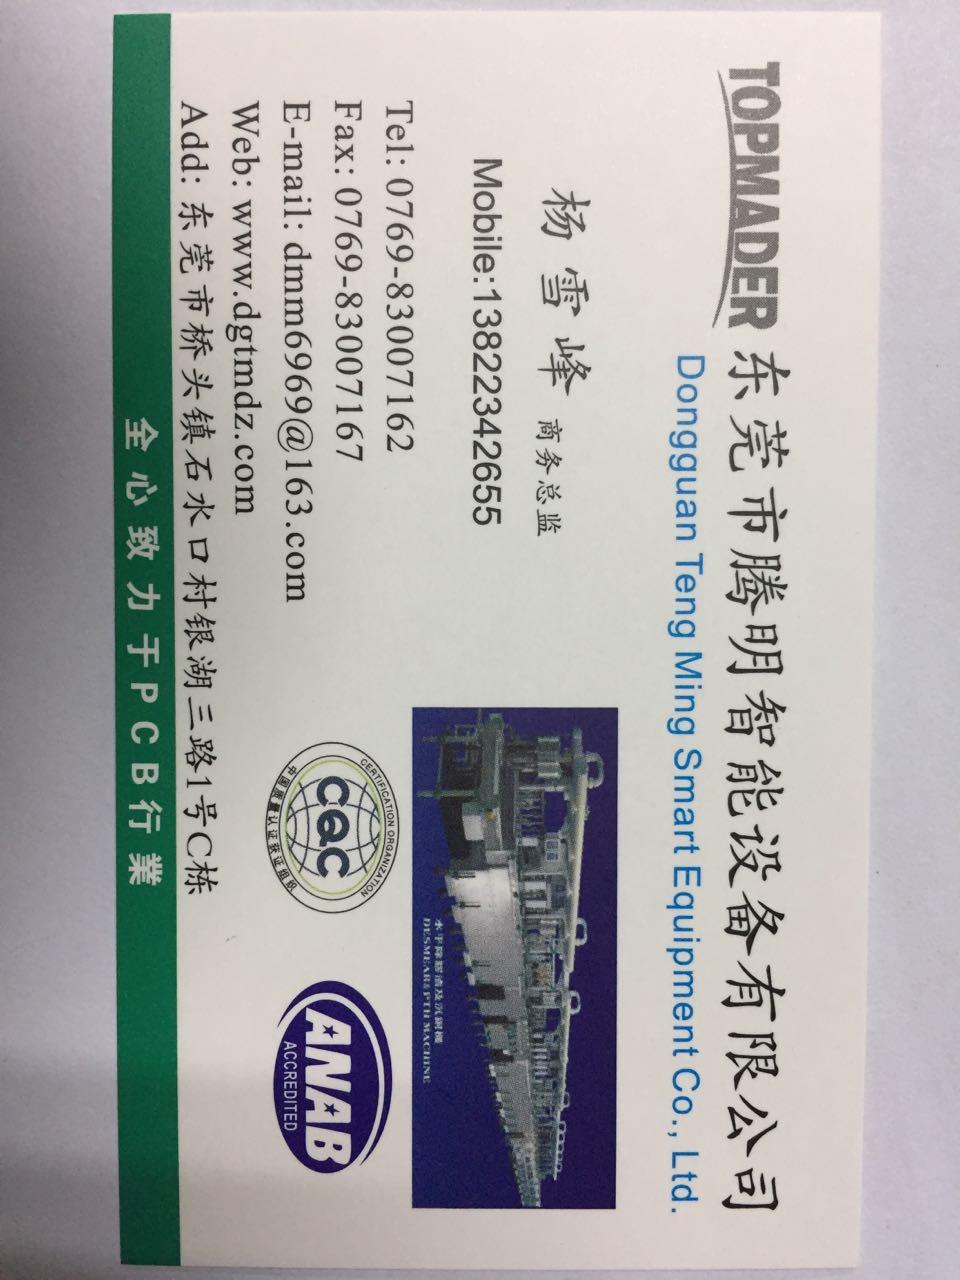 来自杨雪峰发布的供应信息:Topmader东莞市腾明智能设备有限公... - 东莞市腾明智能设备有限公司